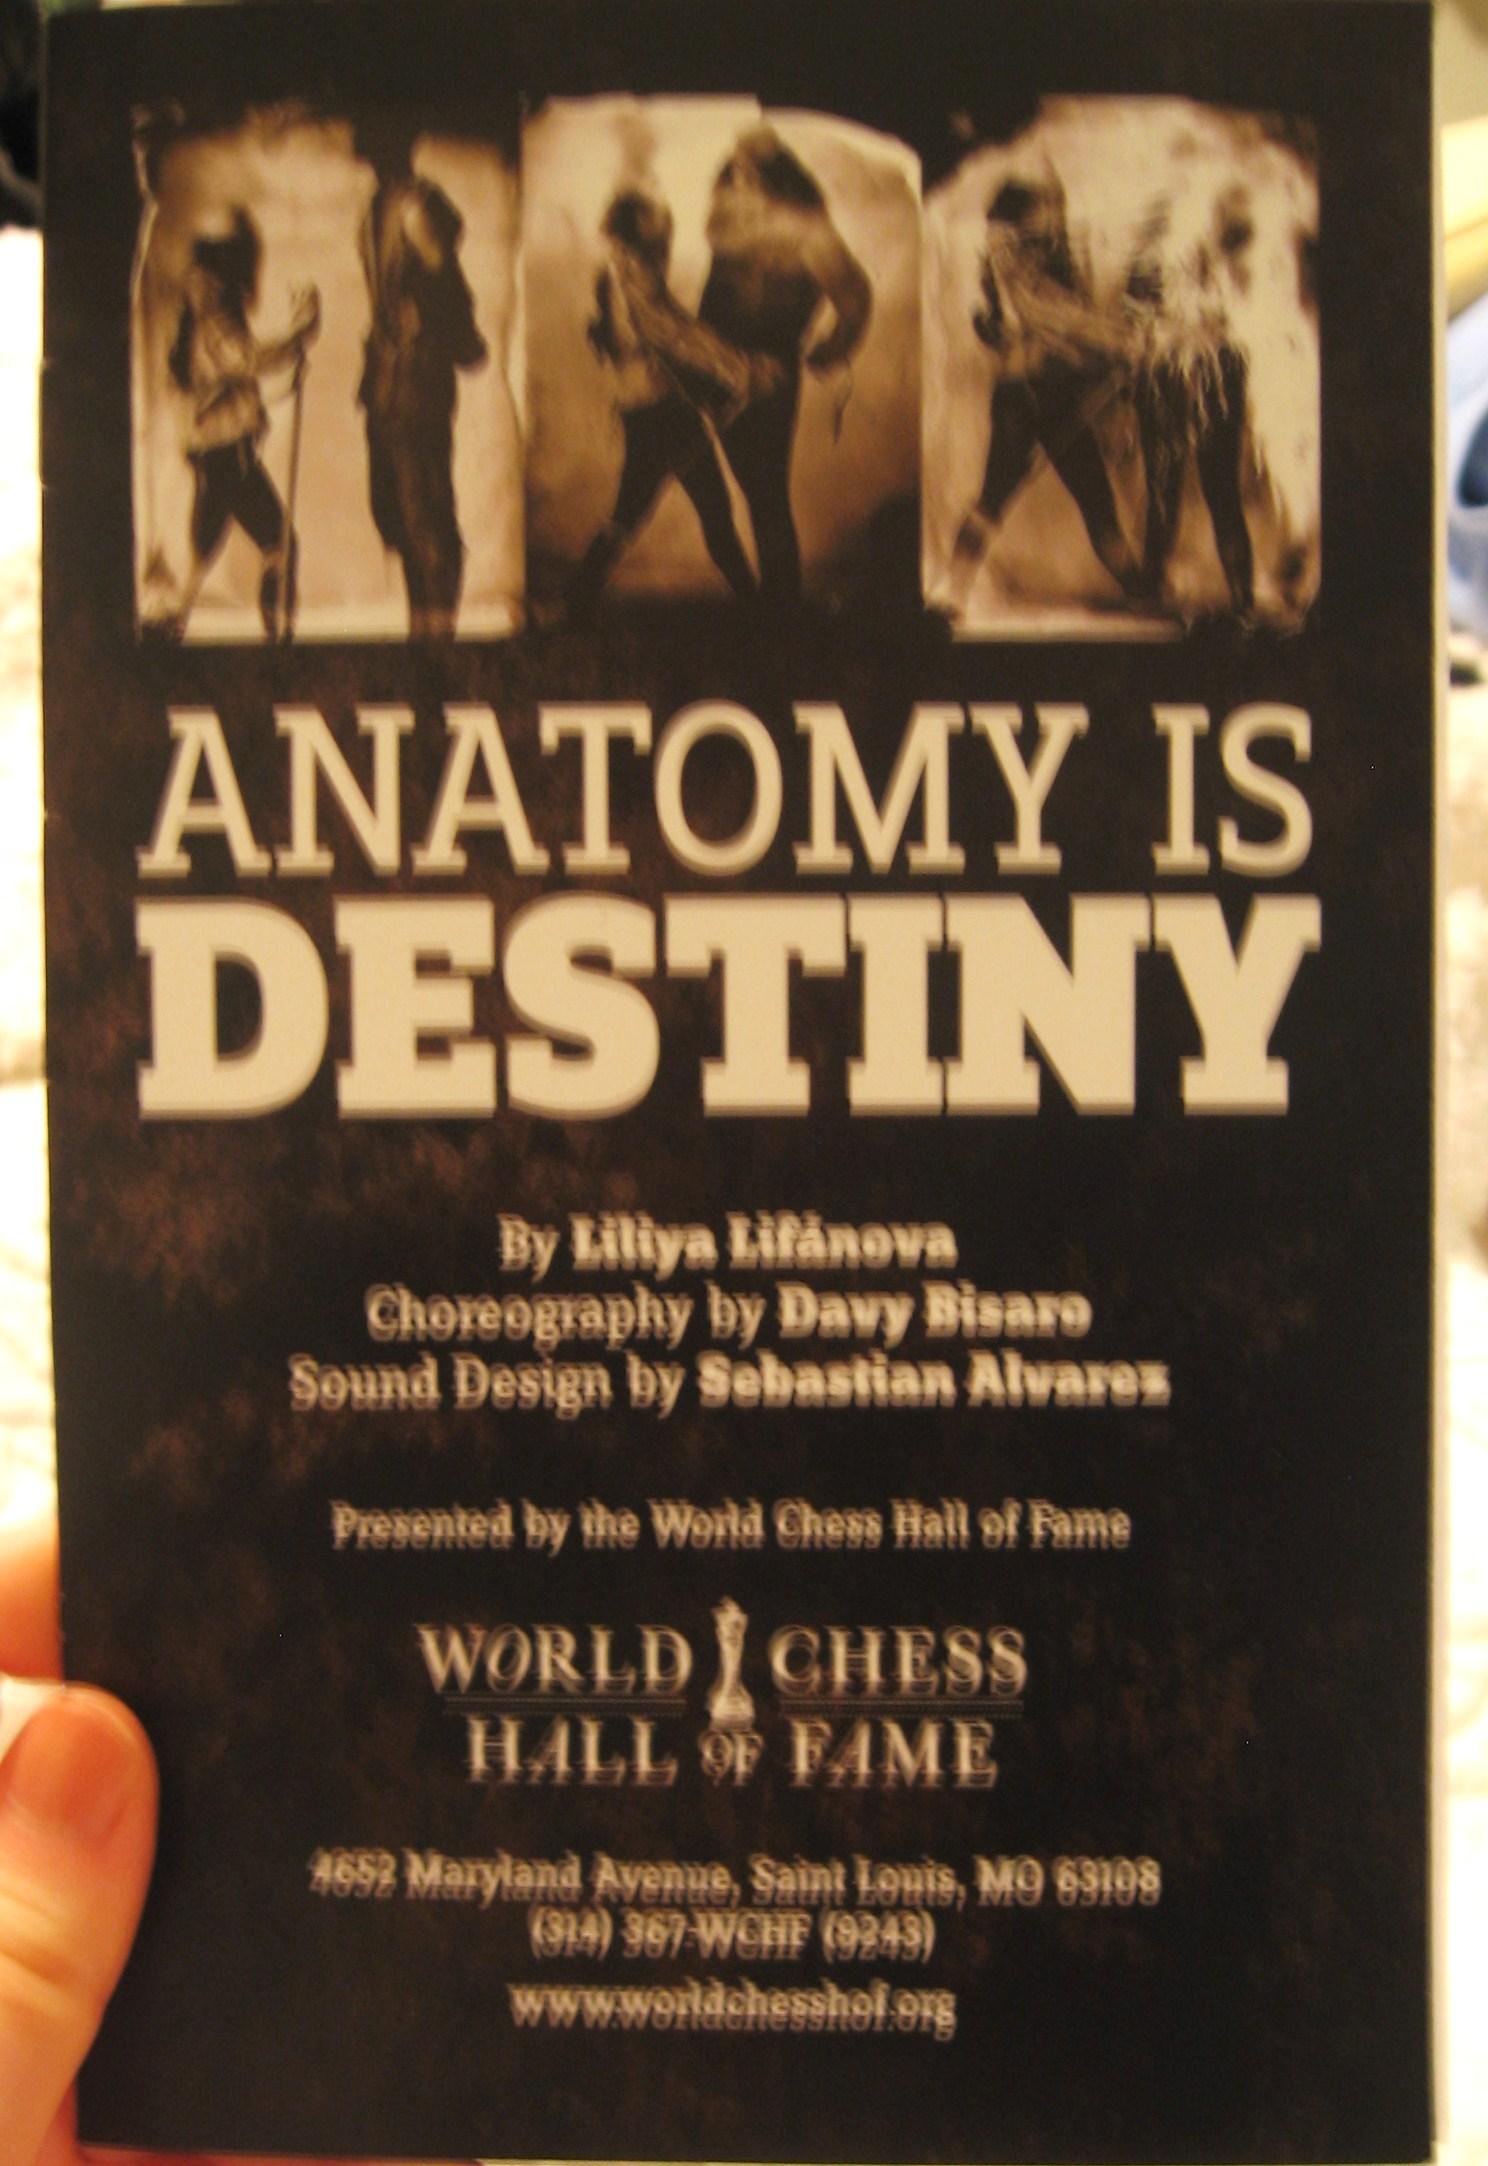 Anatomy is Destiny | BODIES NEVER LIE